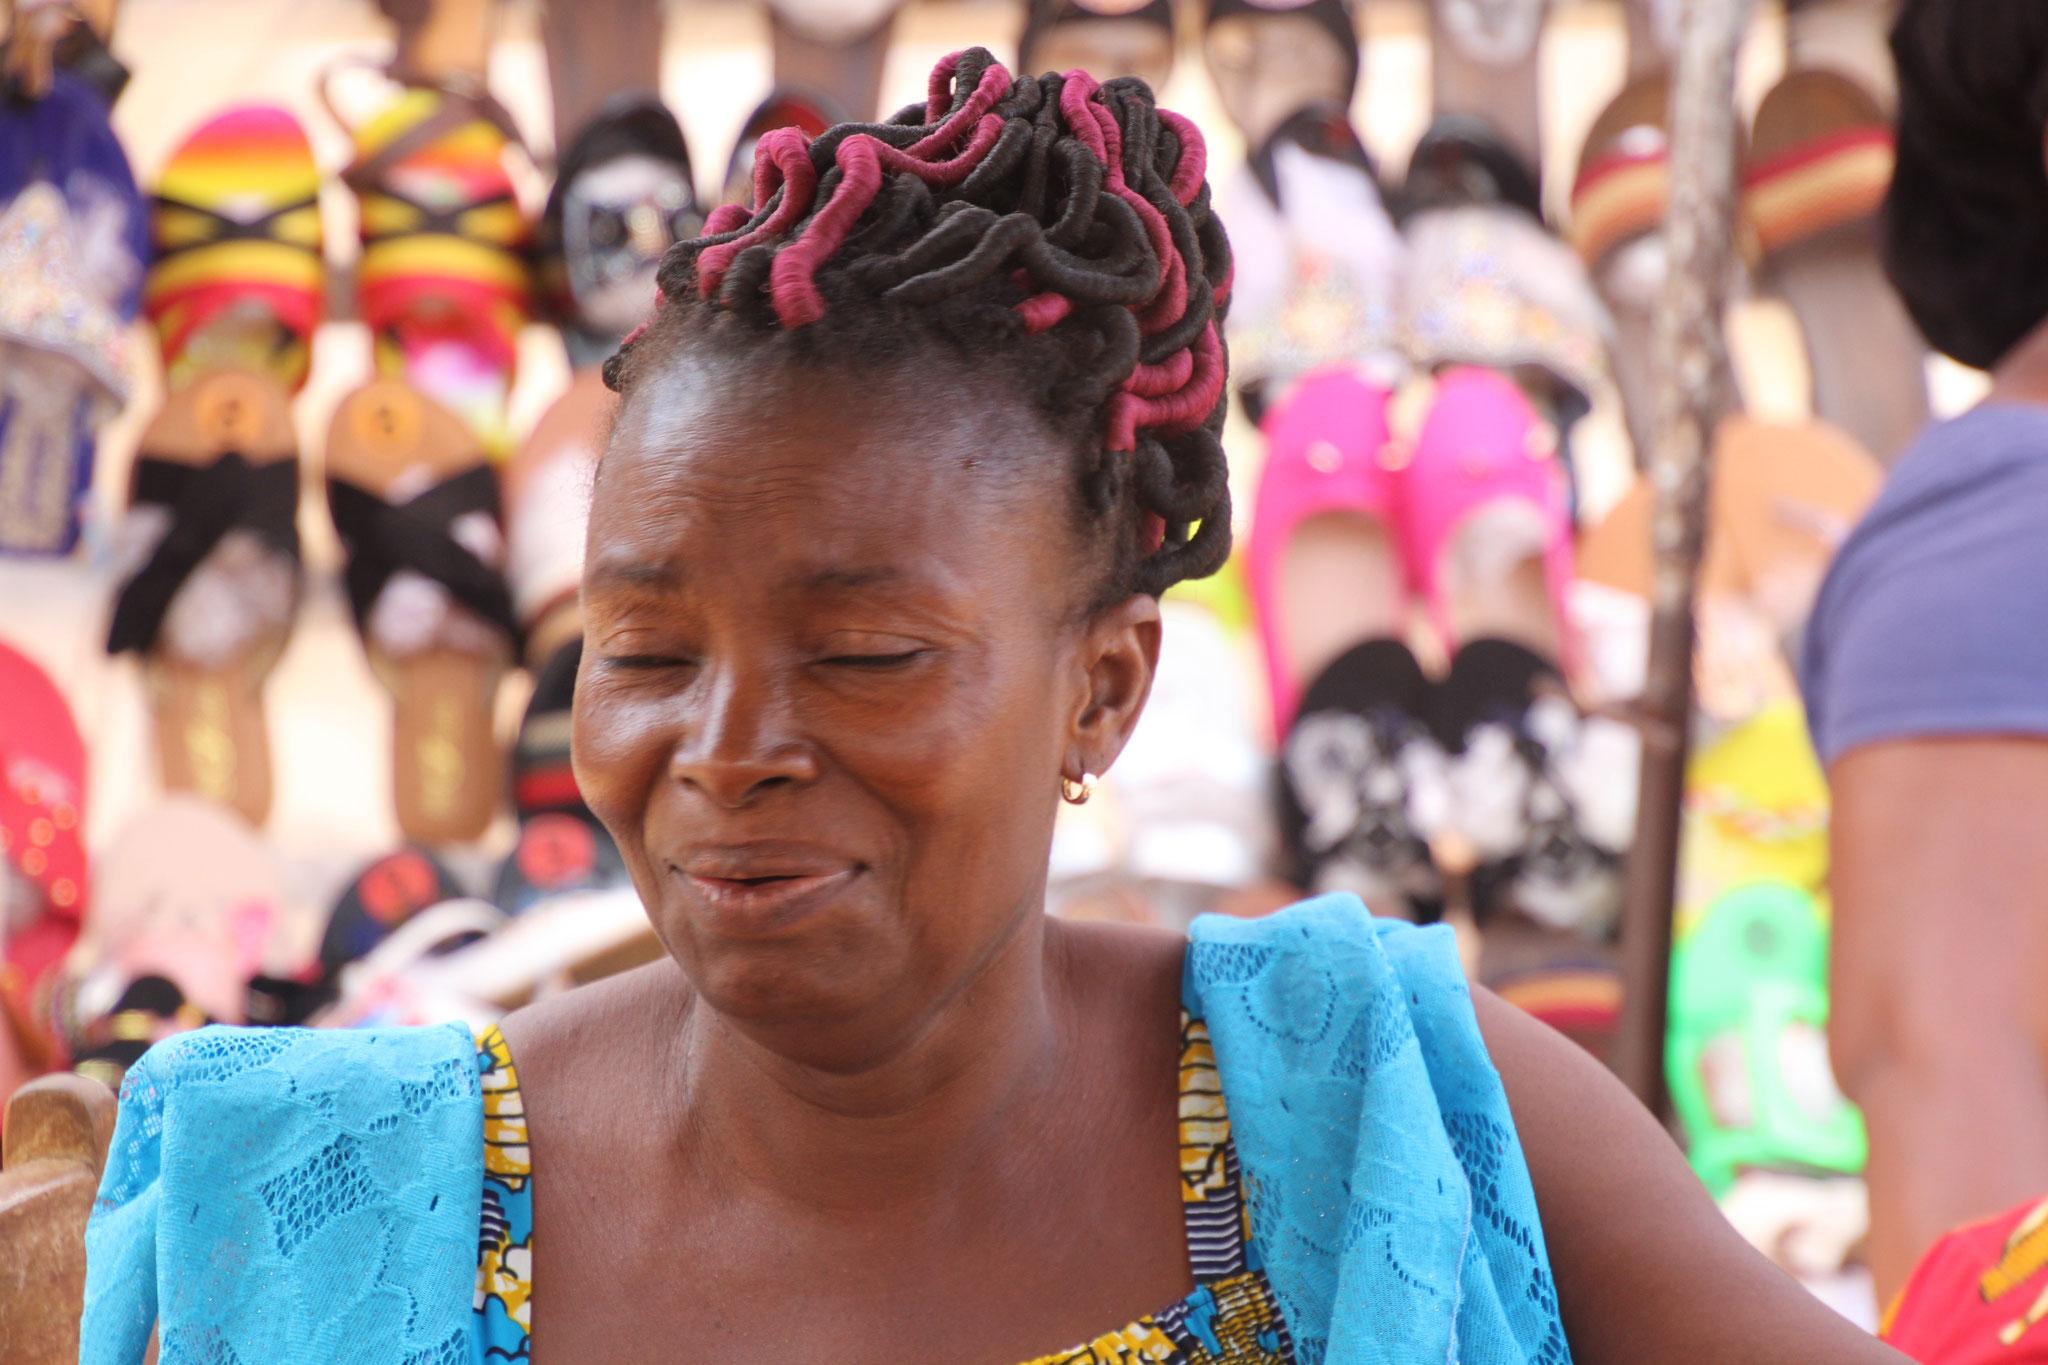 Kunstvoll geflochtenes Haar  bei einer Marktfrau.